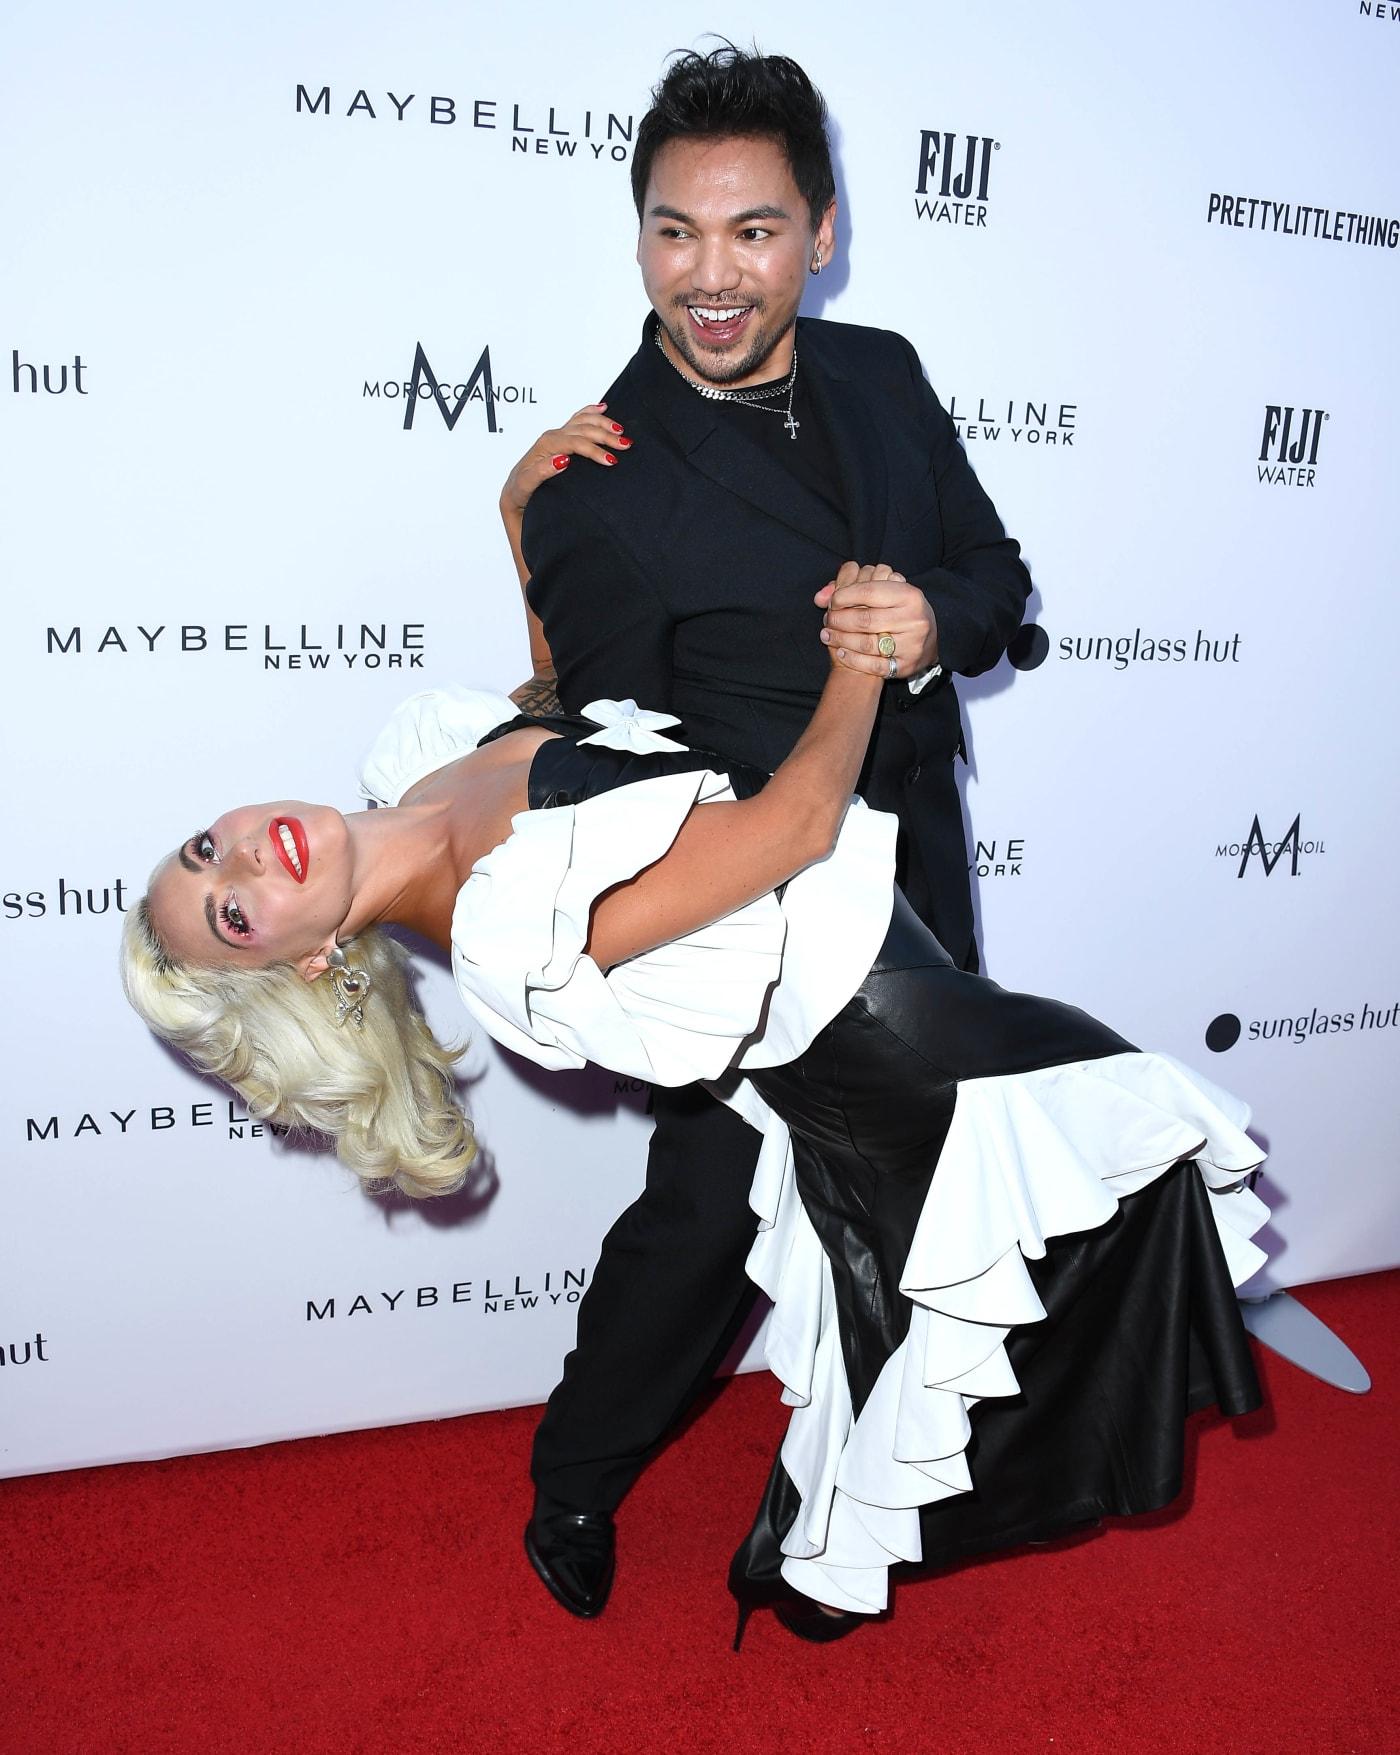 Lady Gaga and Frederic Aspiras